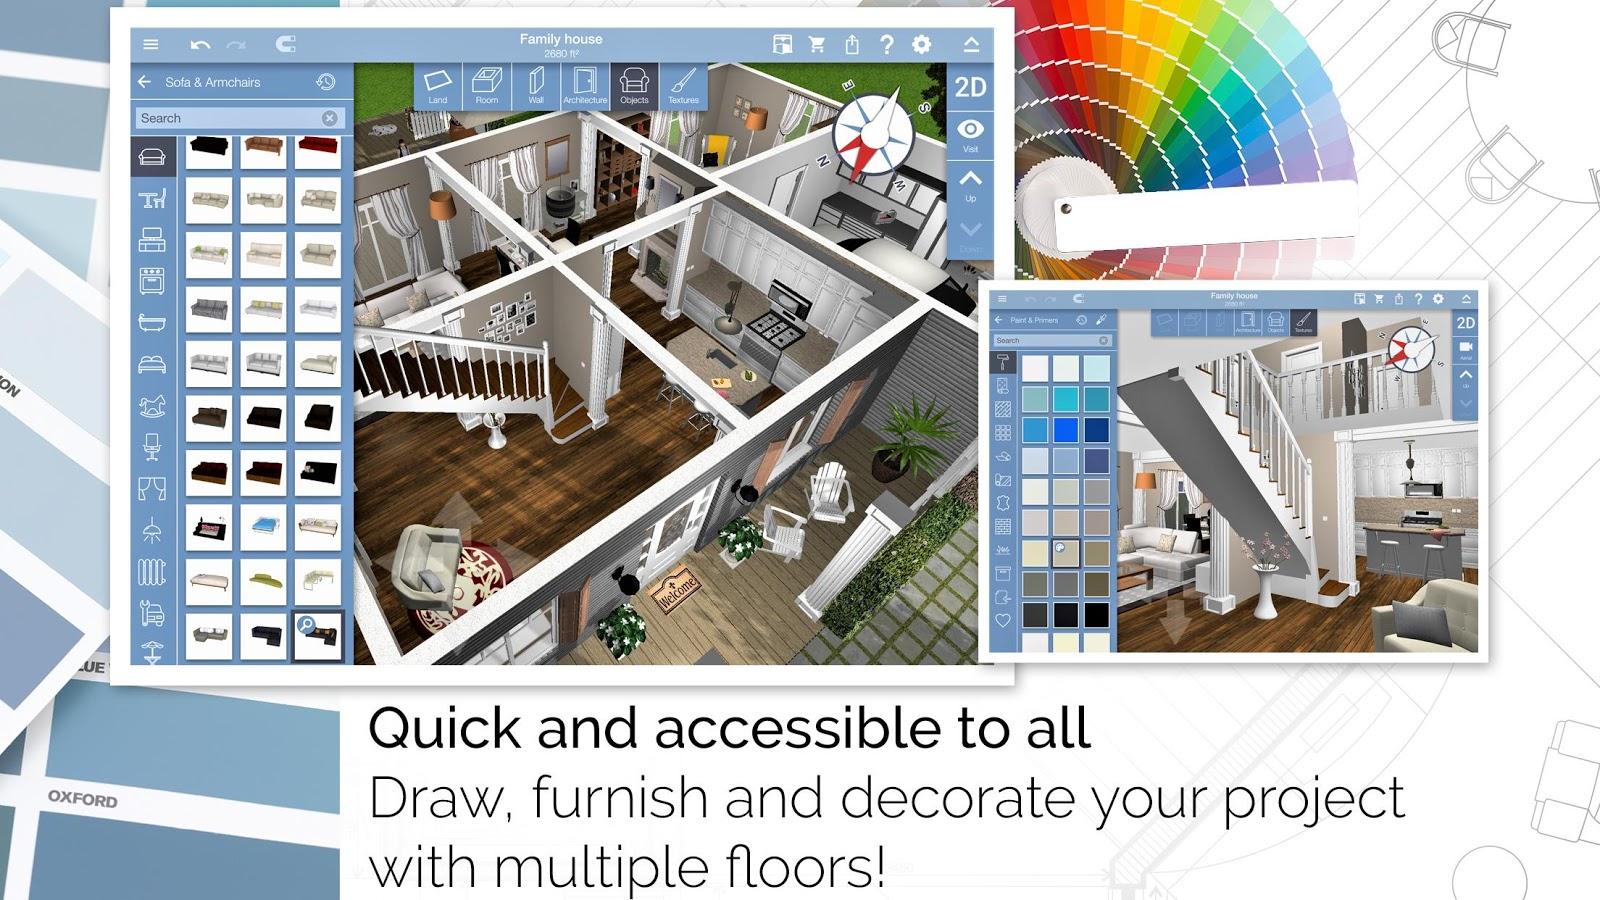 Home Design 3d Freemium 4 2 3 Apk Obb Data File Download